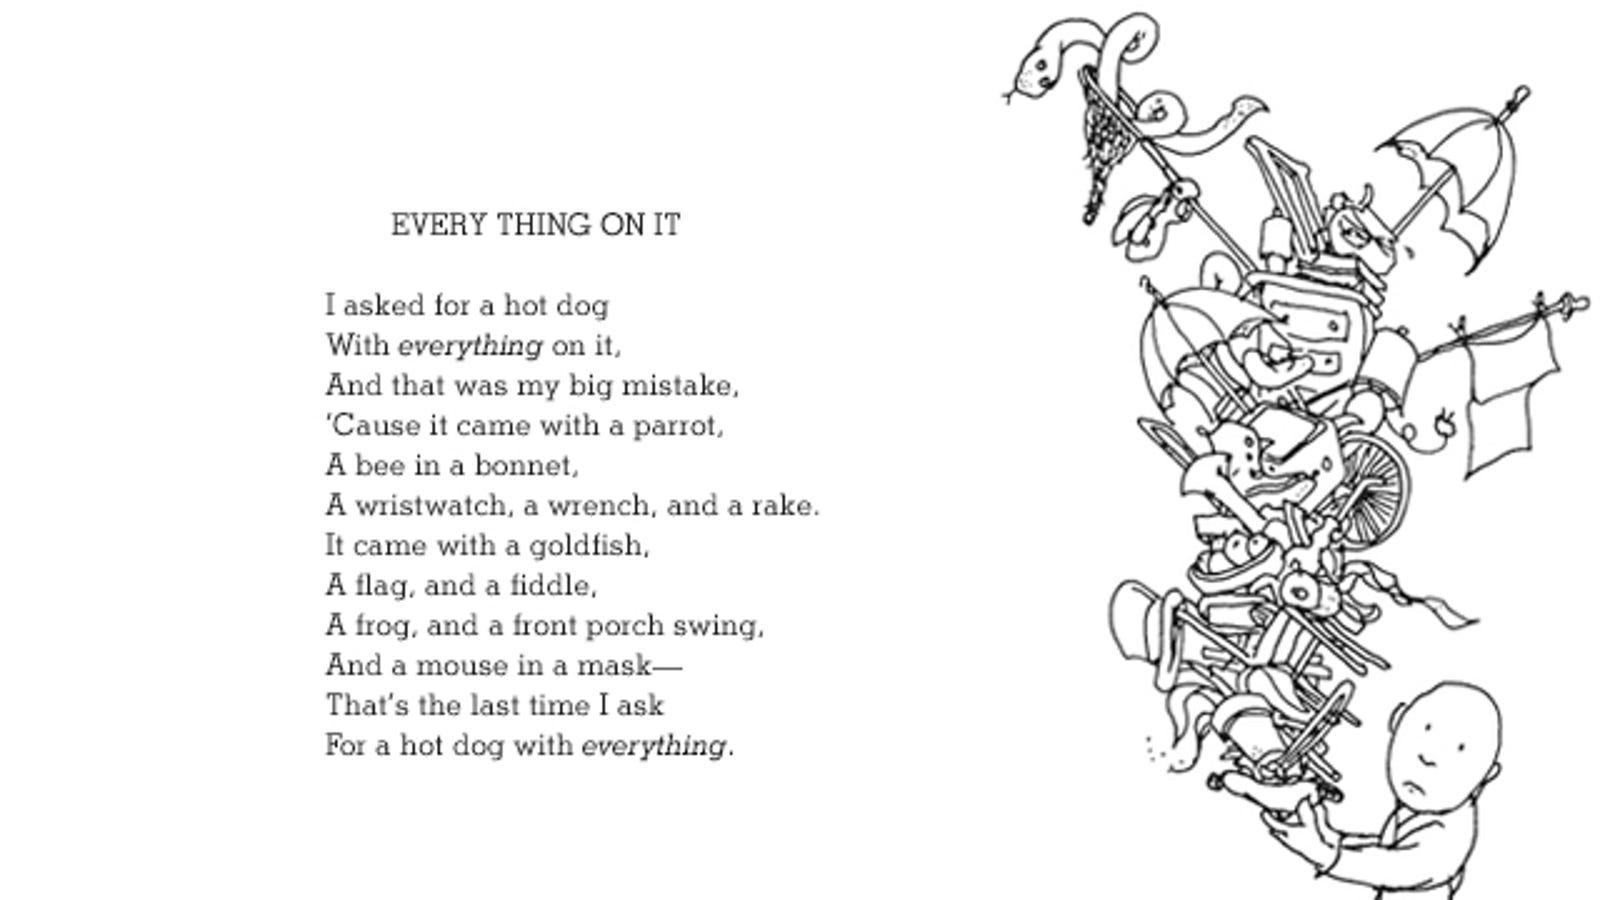 Shel Silverstein Family: New Poems From Shel Silverstein